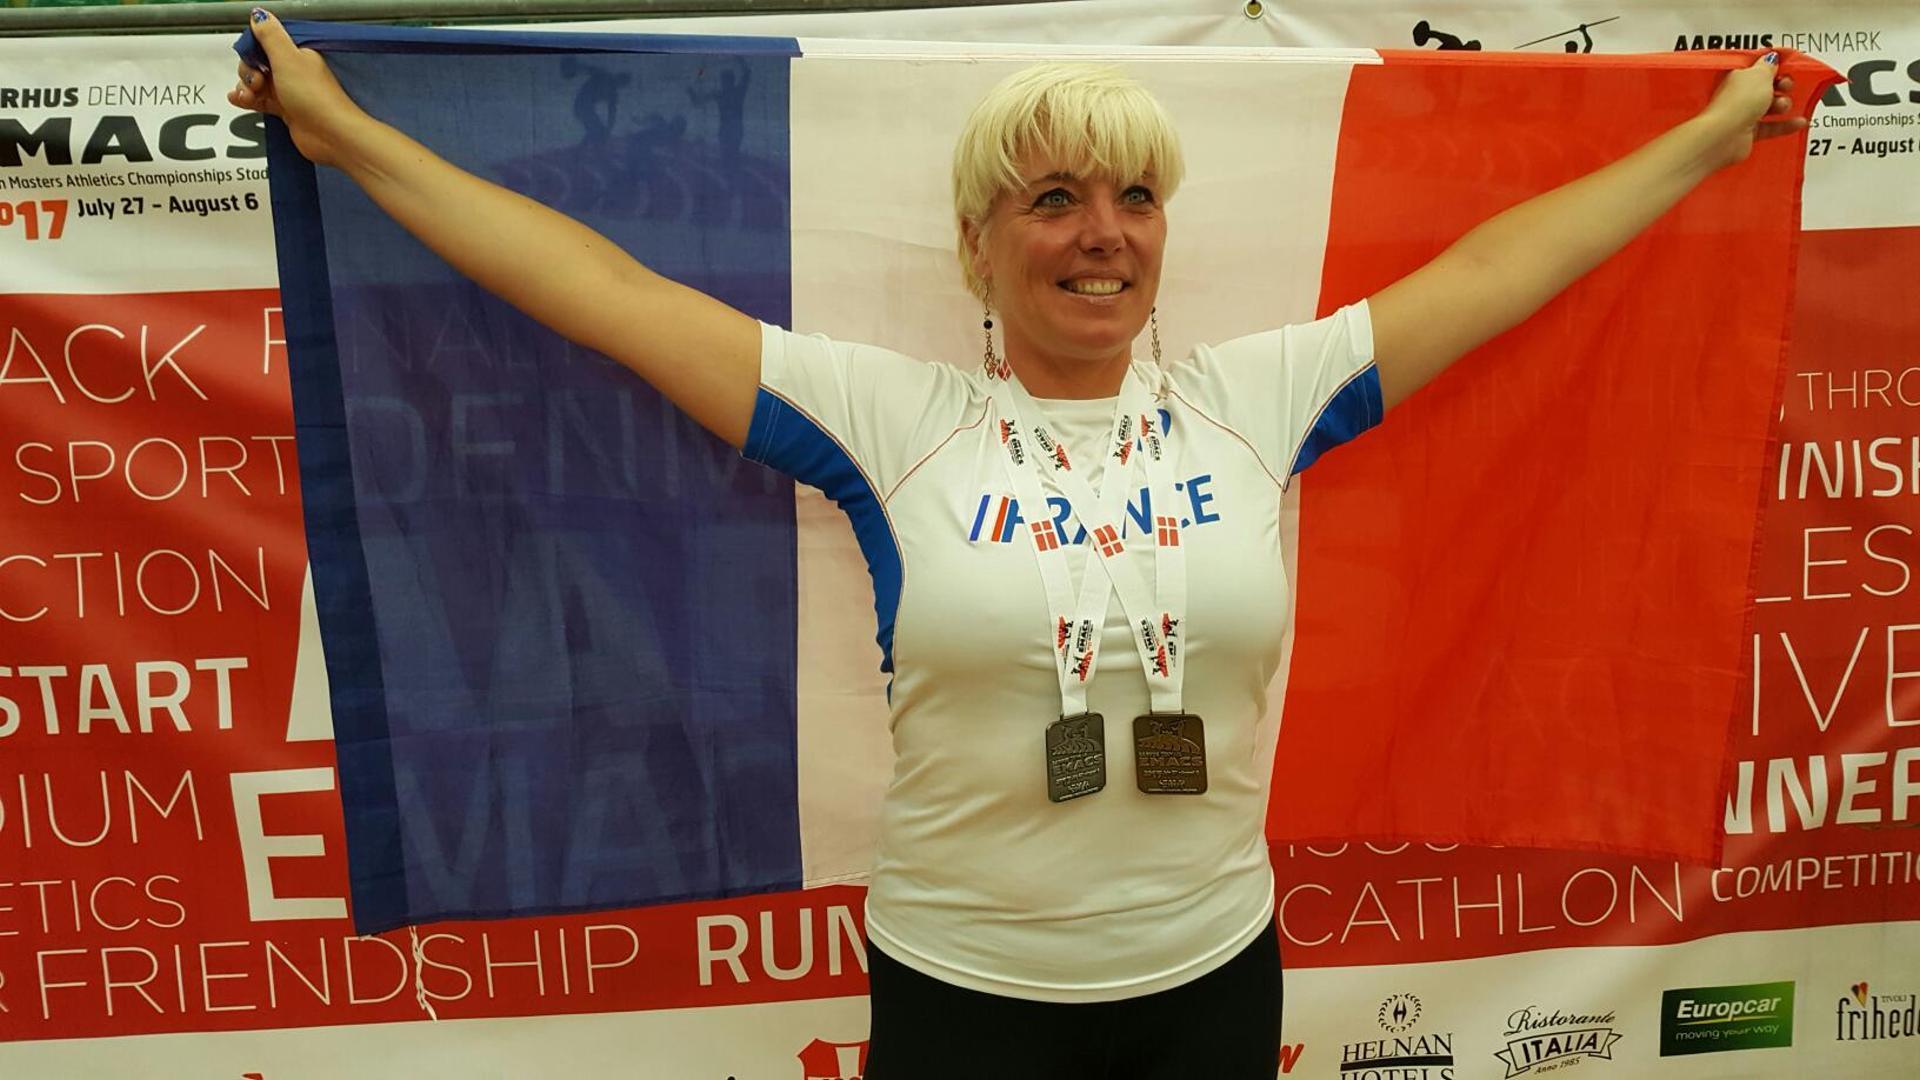 Championnats d'Europe d'athlétisme catégorie master